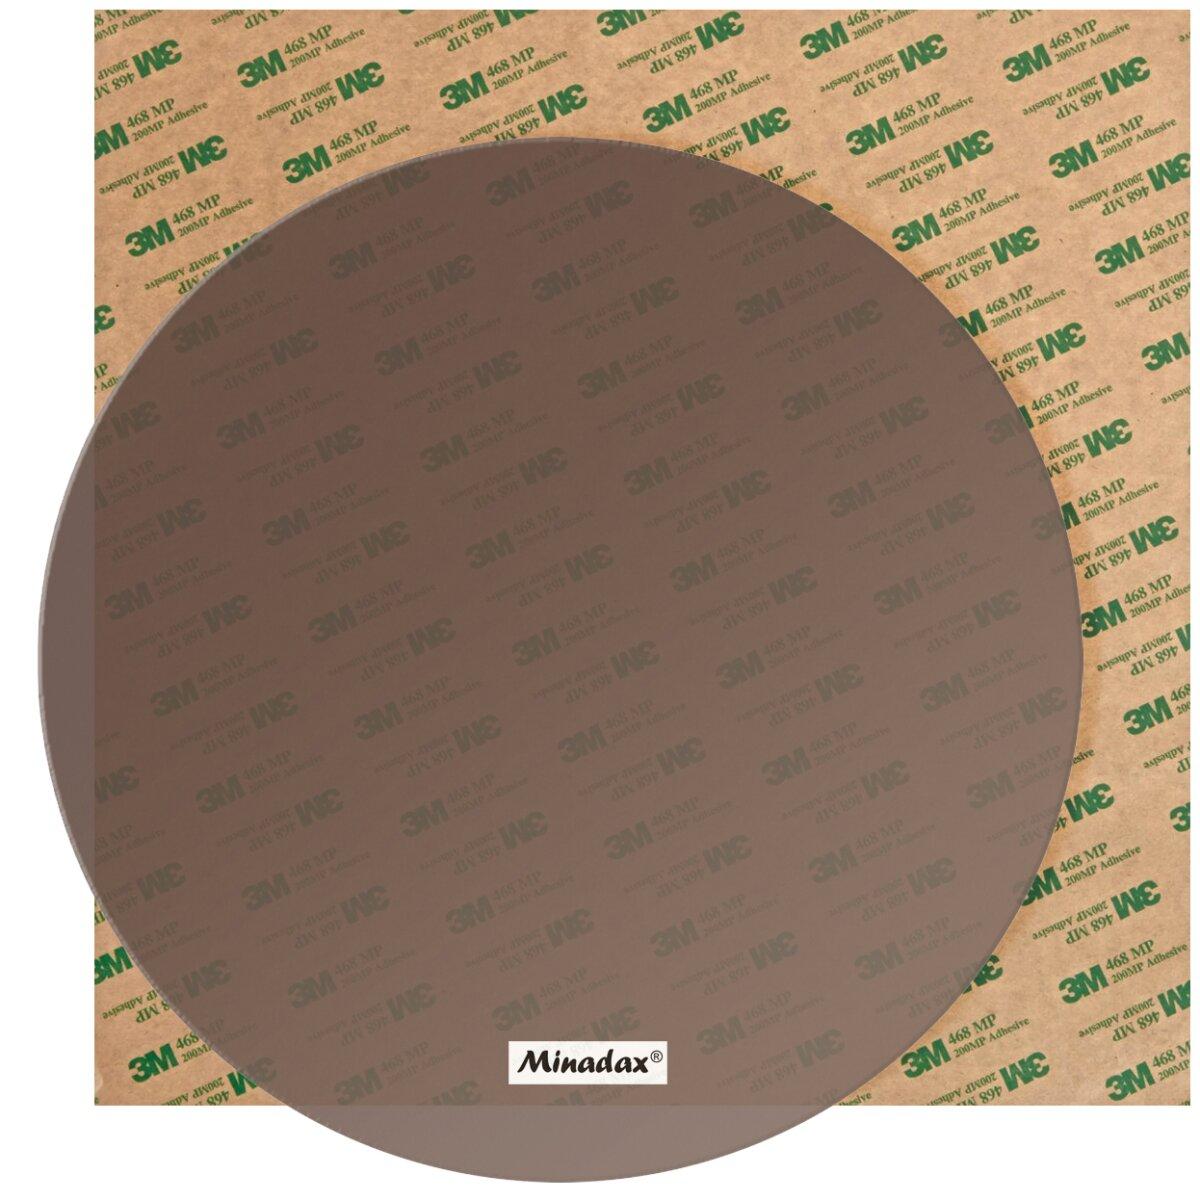 Minadax PEI 3D Druck Oberfläche Natur Rund Ø 165mm inkl. 3M 468MP Transferfolie